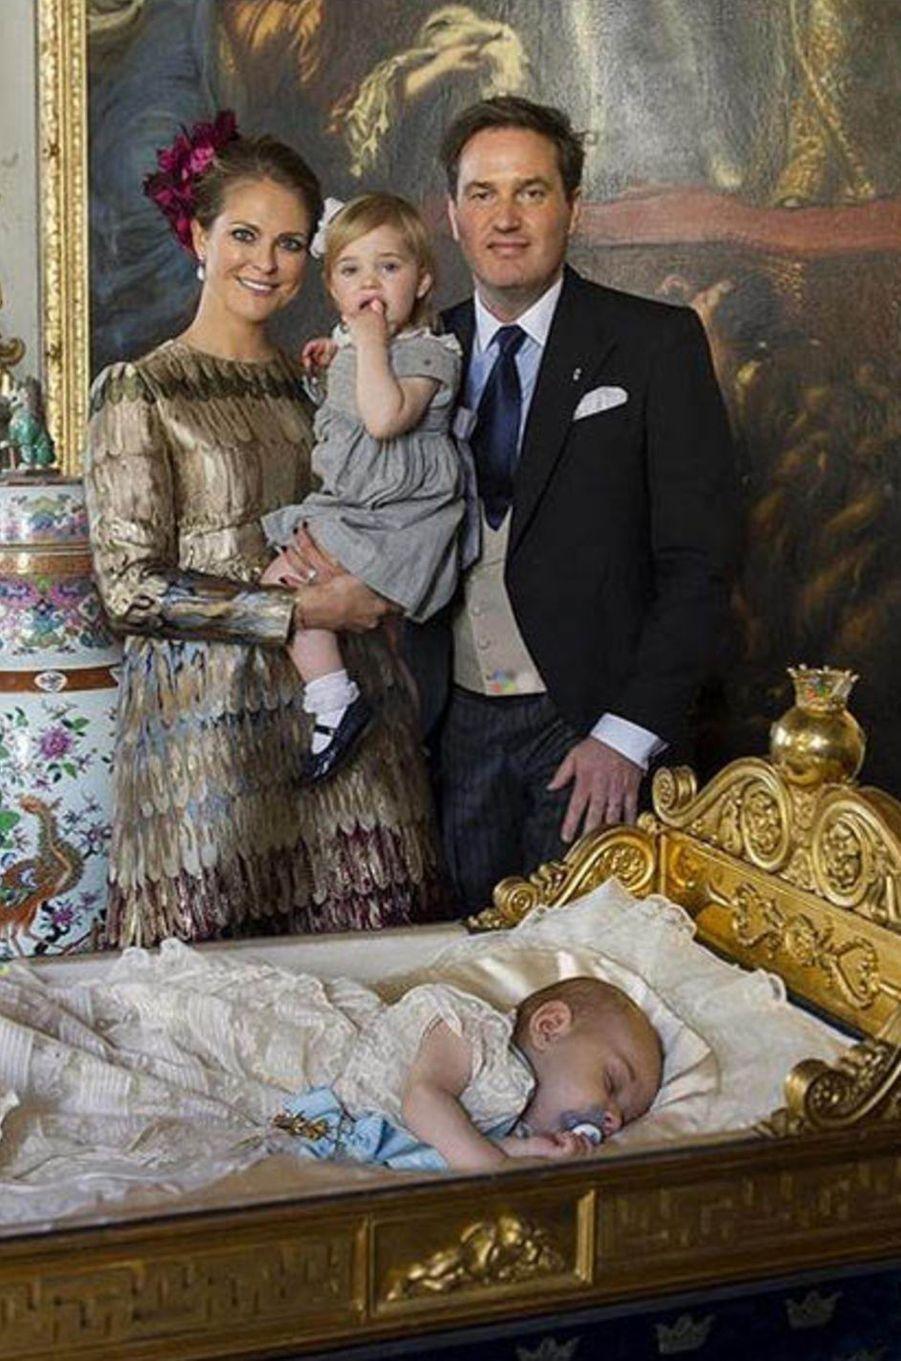 Le prince Nicolas de Suède avec ses parents et sa soeur la princesse Leonore le jour de son baptême, le 11 octobre 2015